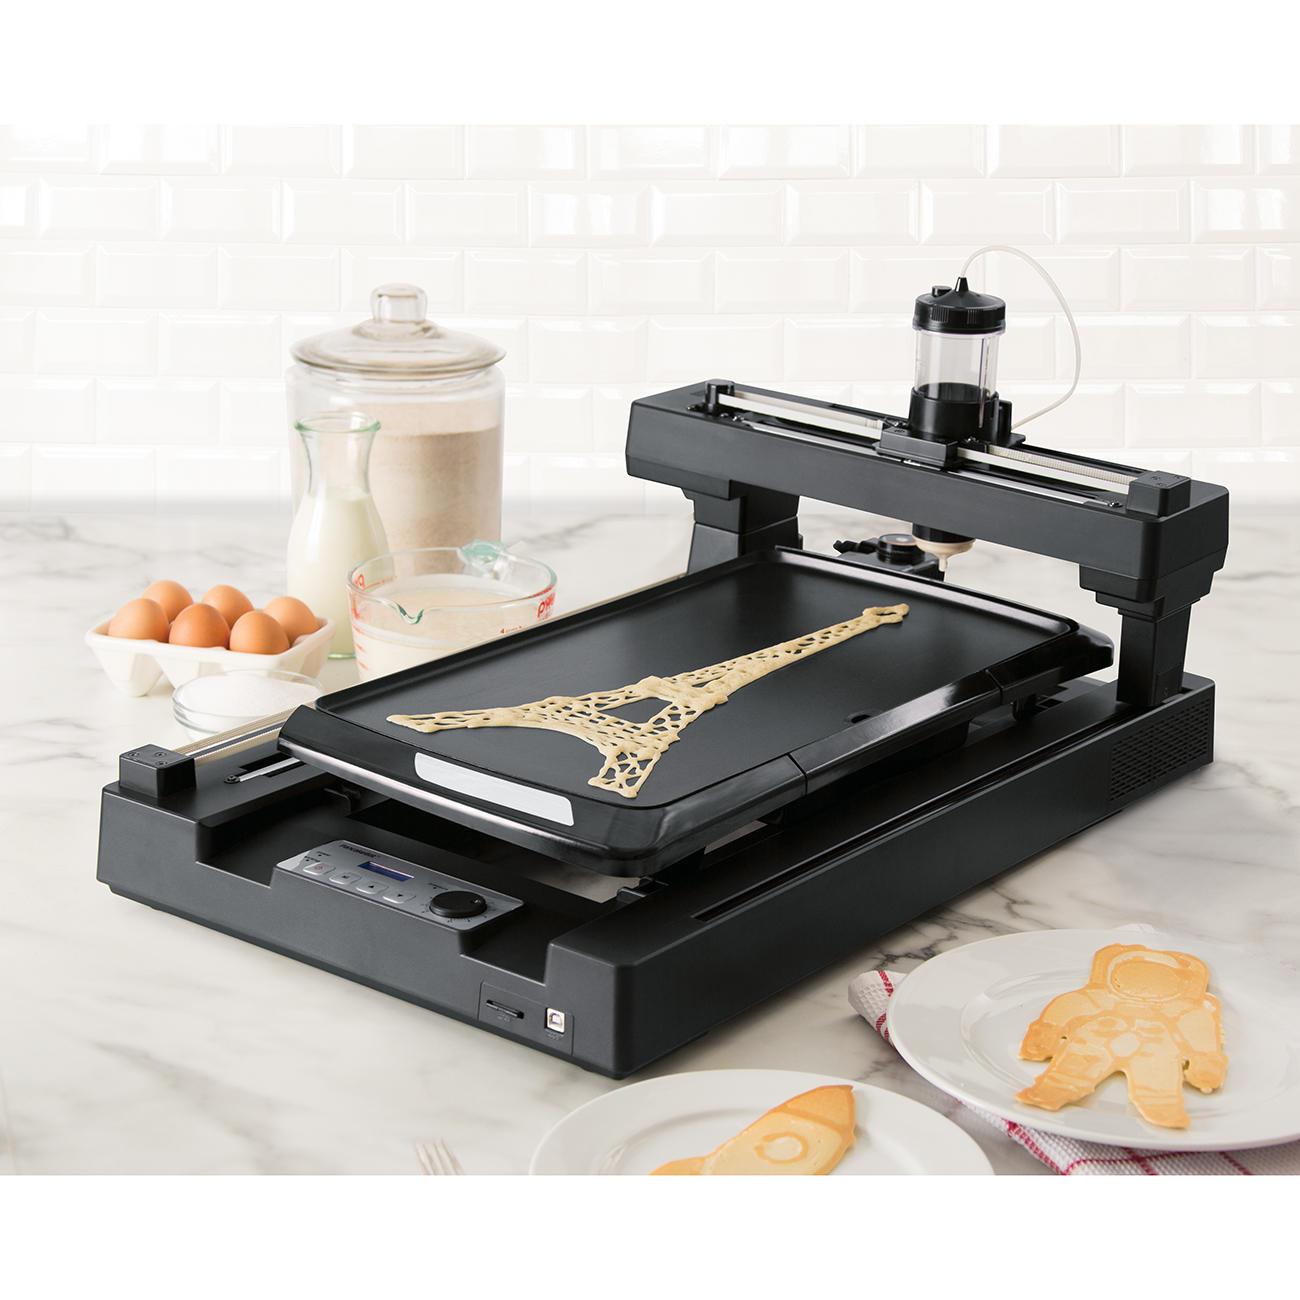 Pancakebot Pfannekuchen Drucker Mit 3 Jahren Garantie